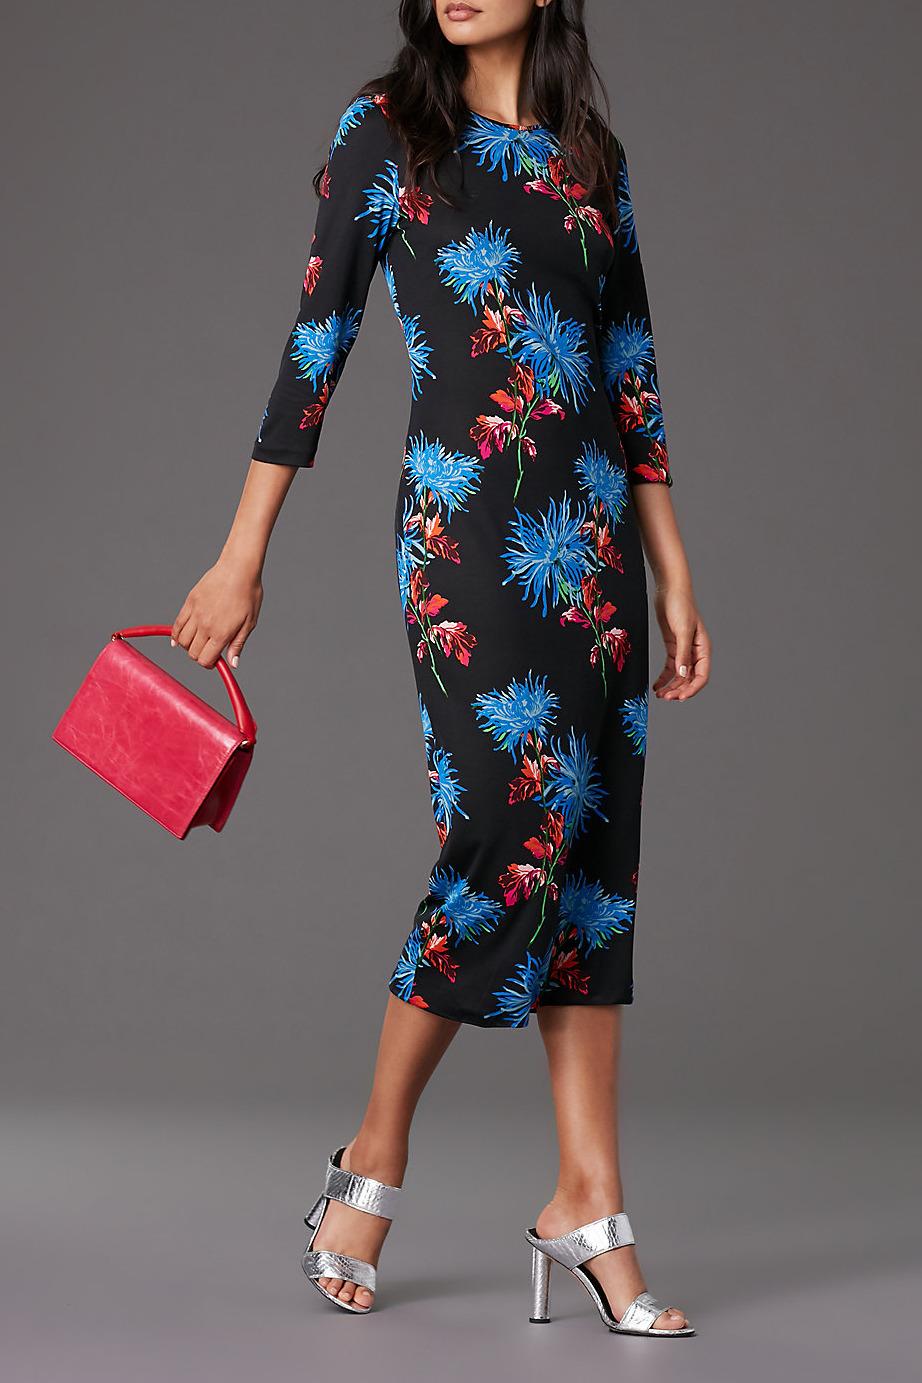 Diane von Furstenberg Saihana Dress